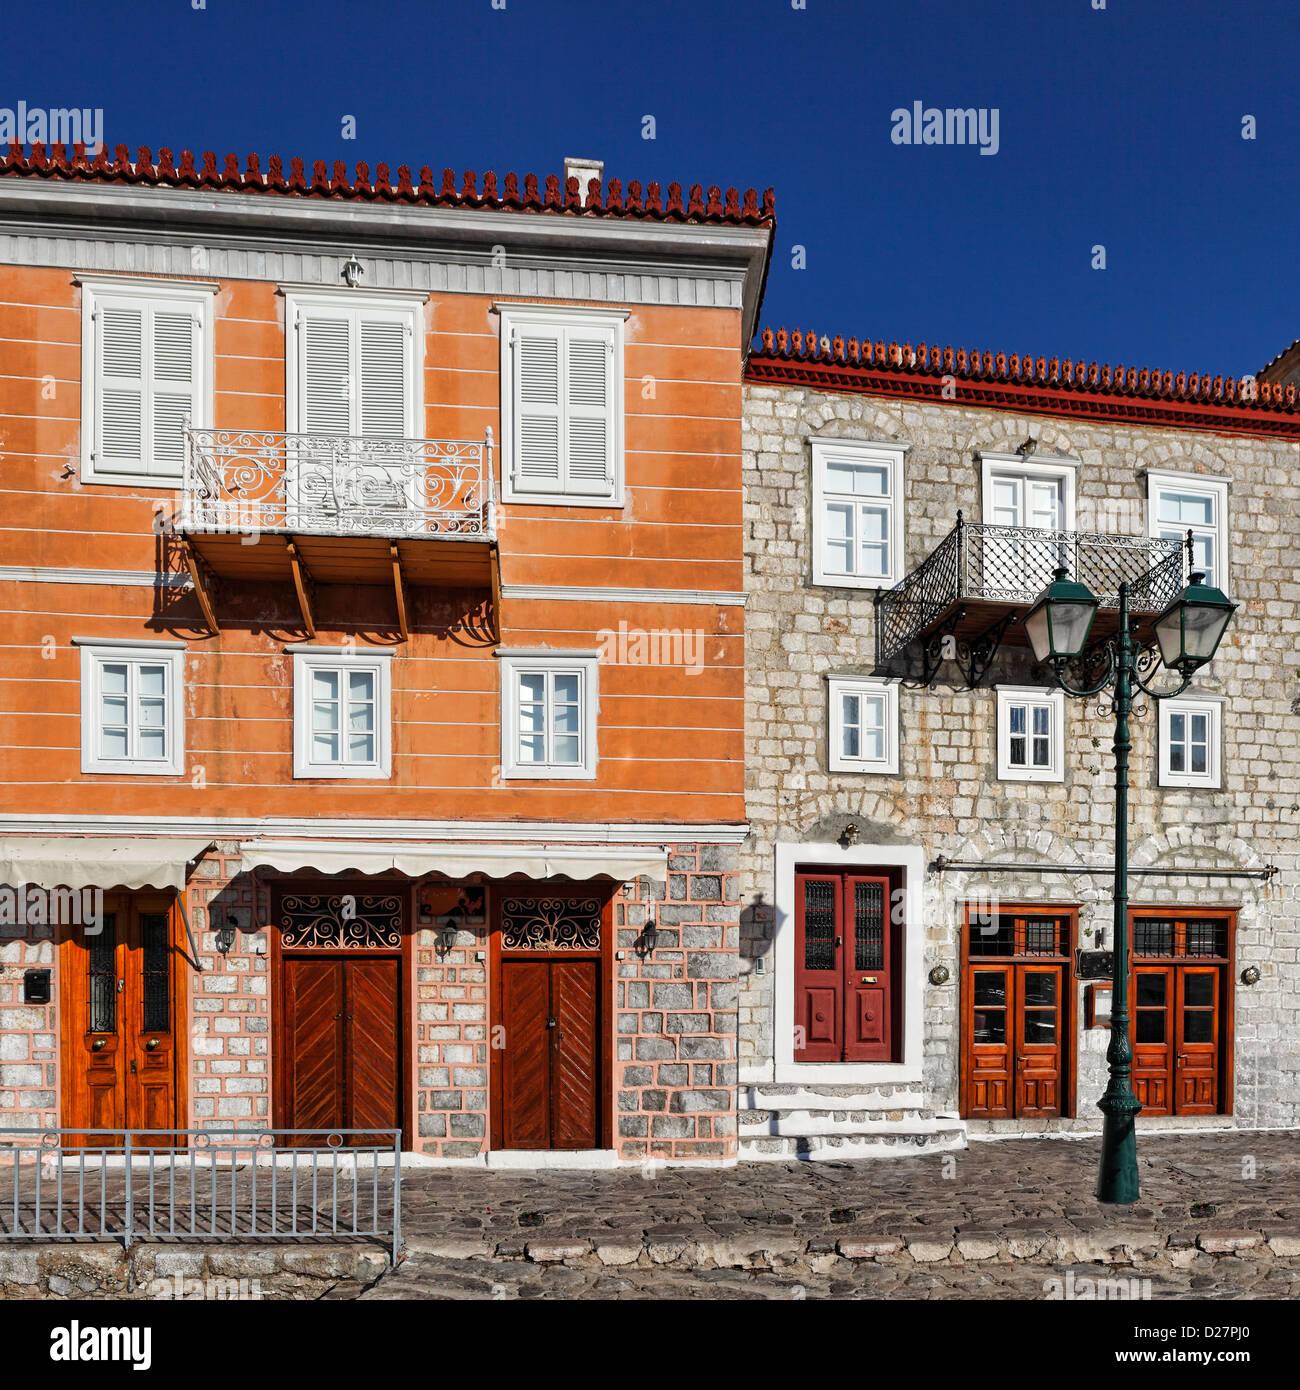 Mansiones tradicionales en Hydra, Grecia Imagen De Stock